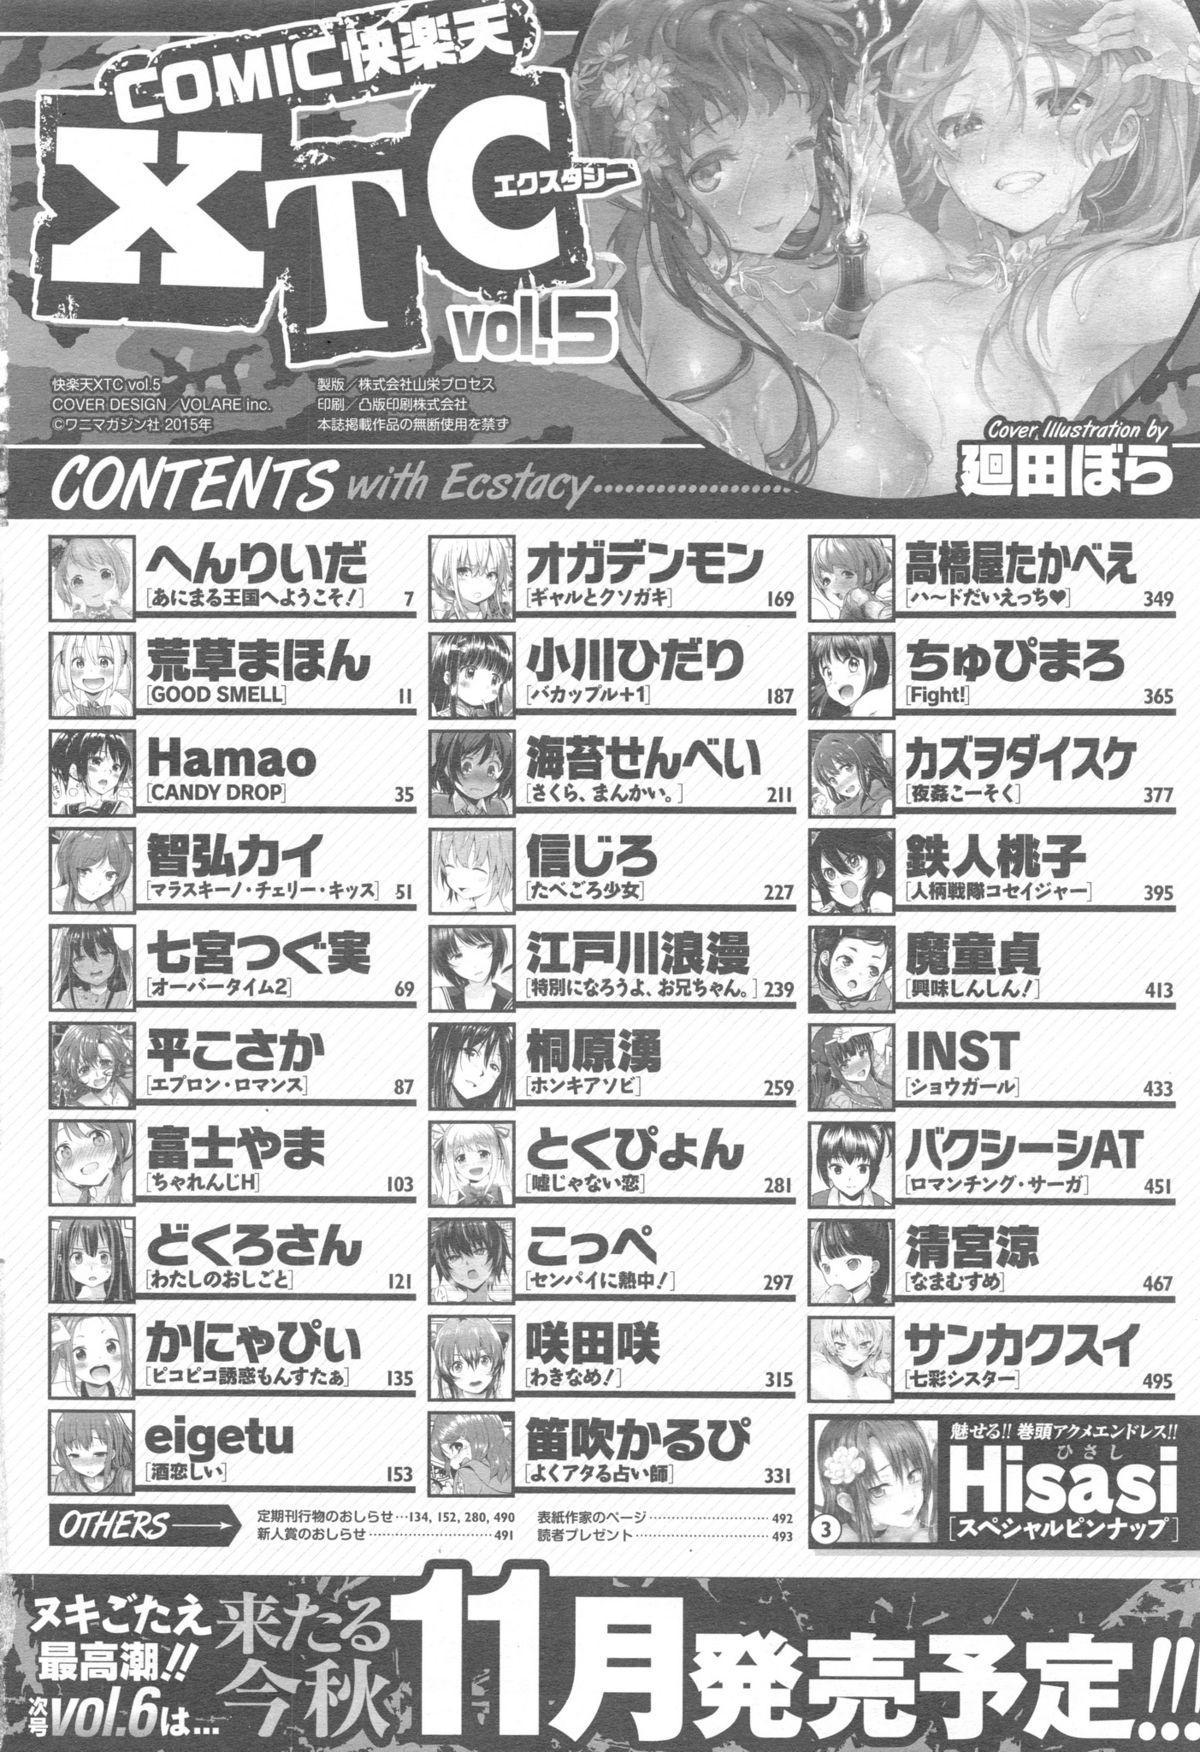 COMIC Kairakuten XTC Vol. 5 484